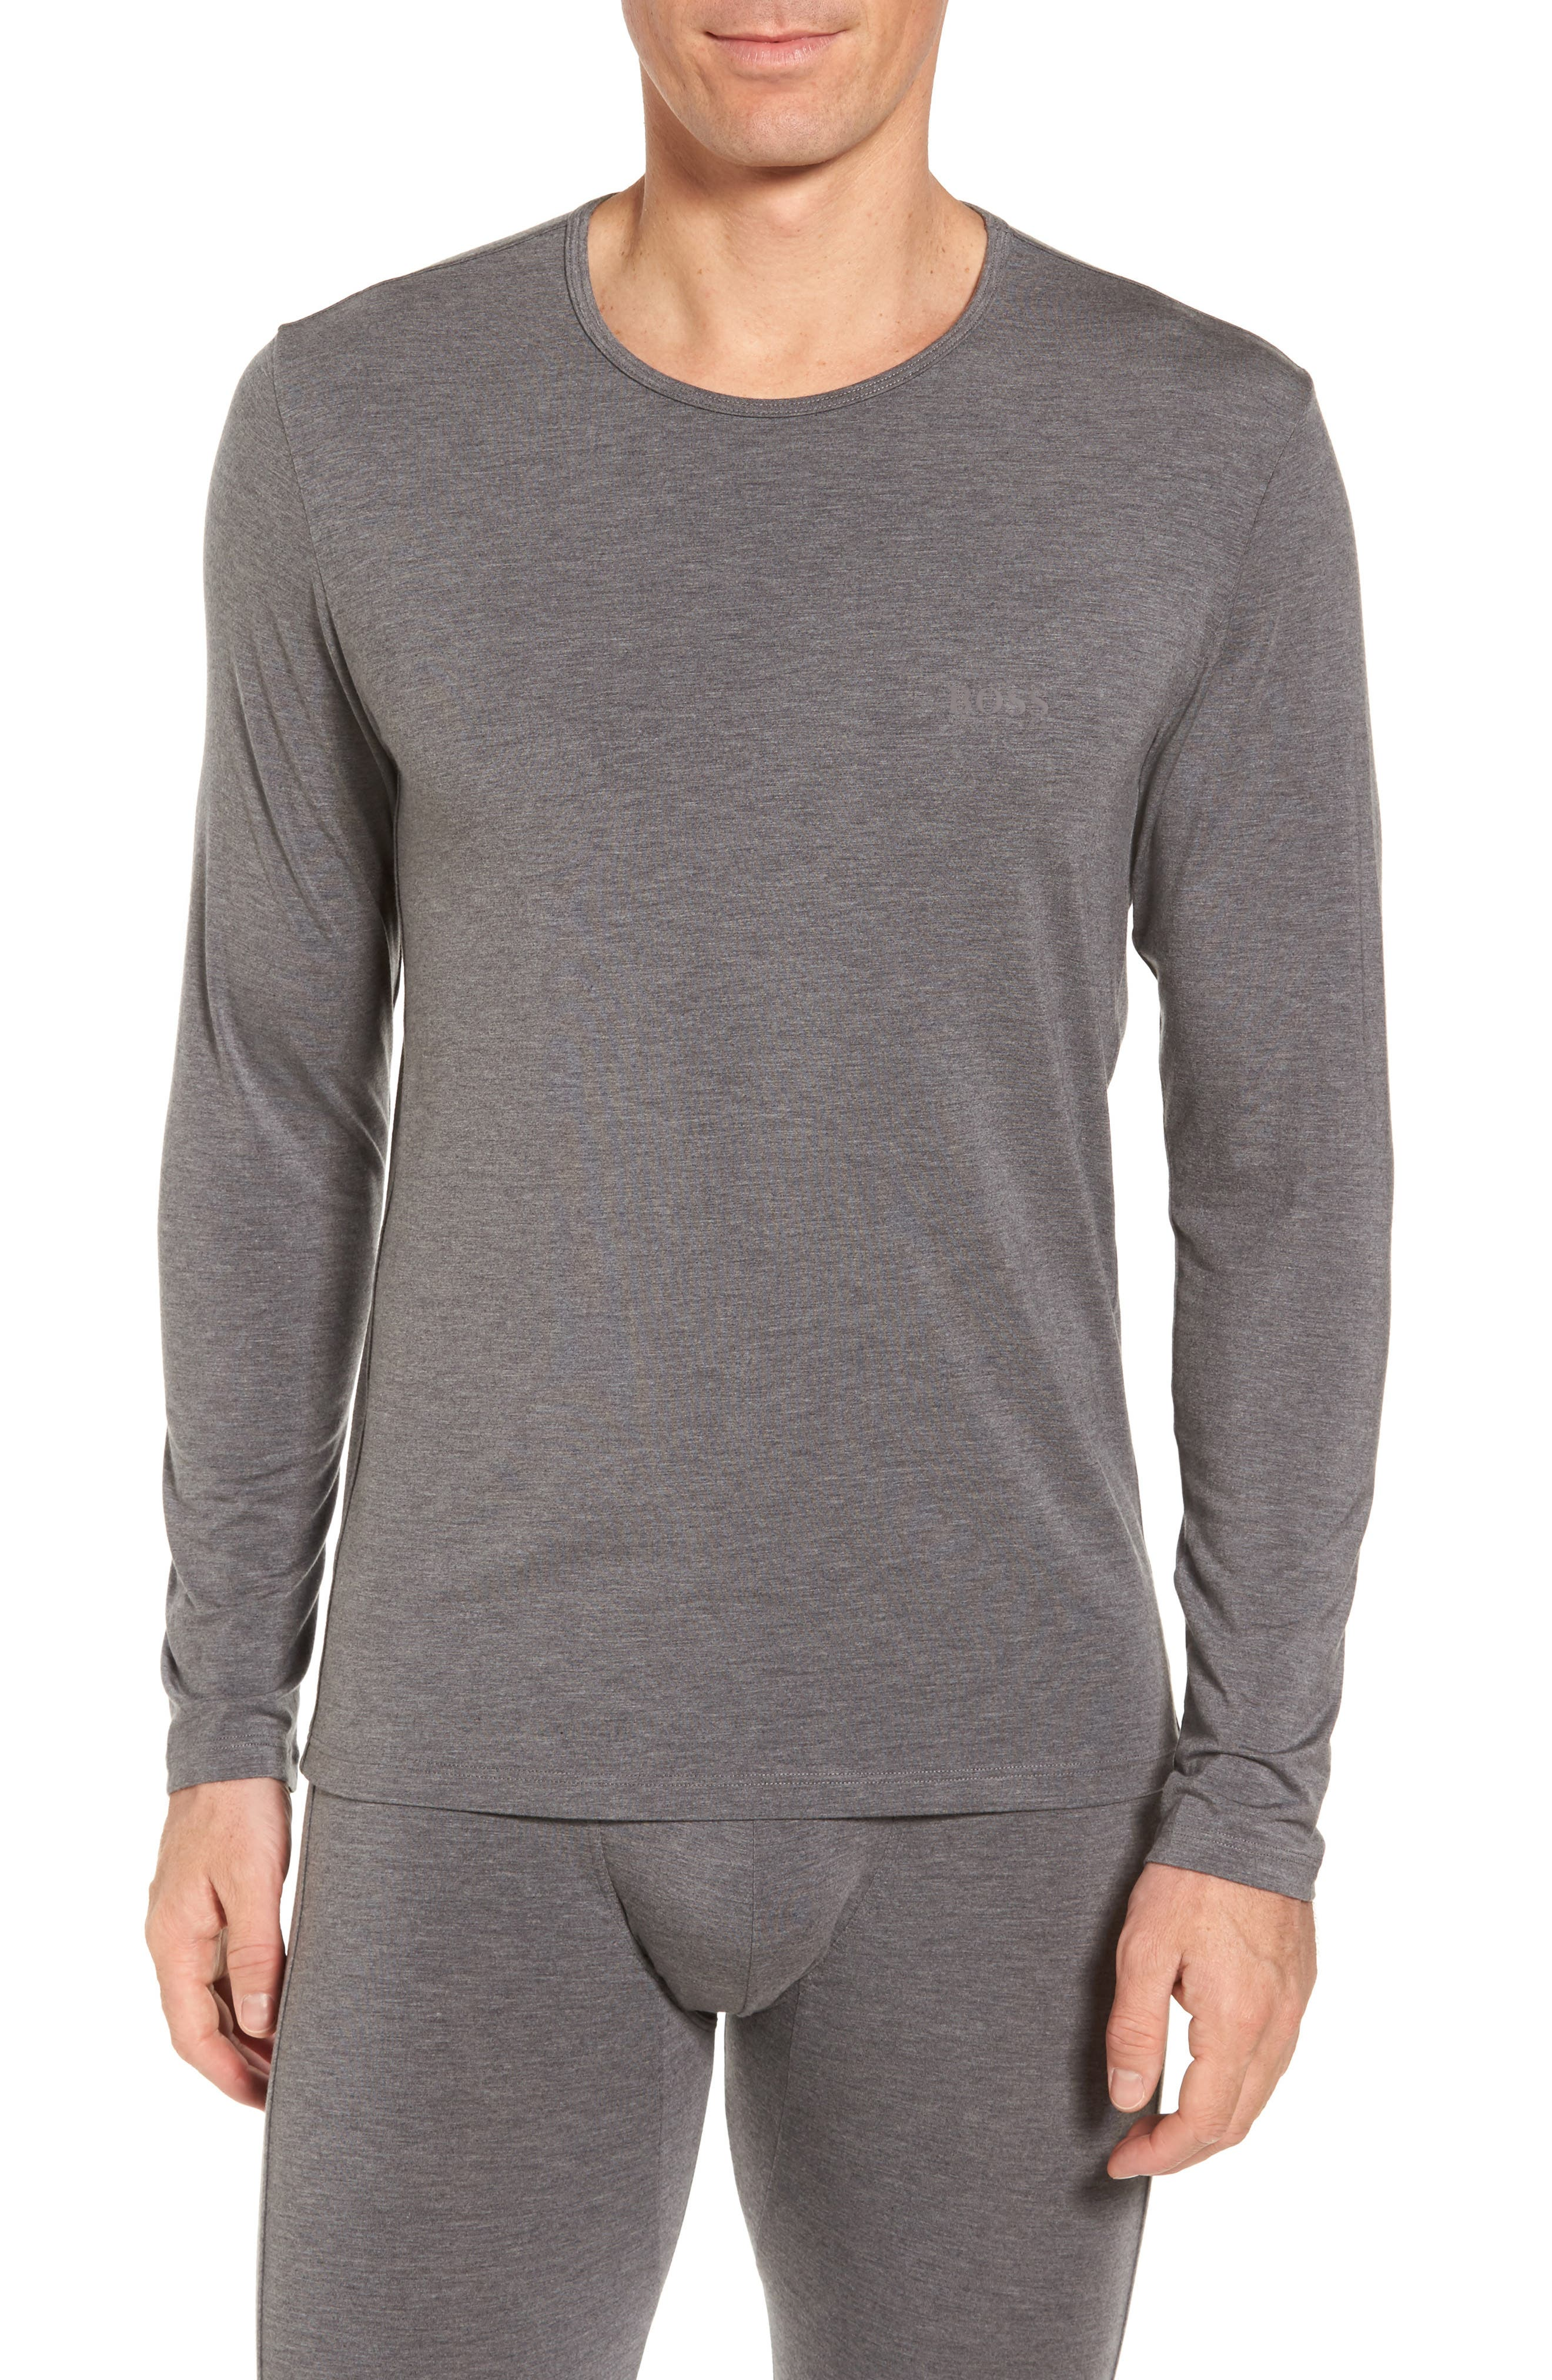 Thermal Long Sleeve T-Shirt,                             Main thumbnail 1, color,                             020